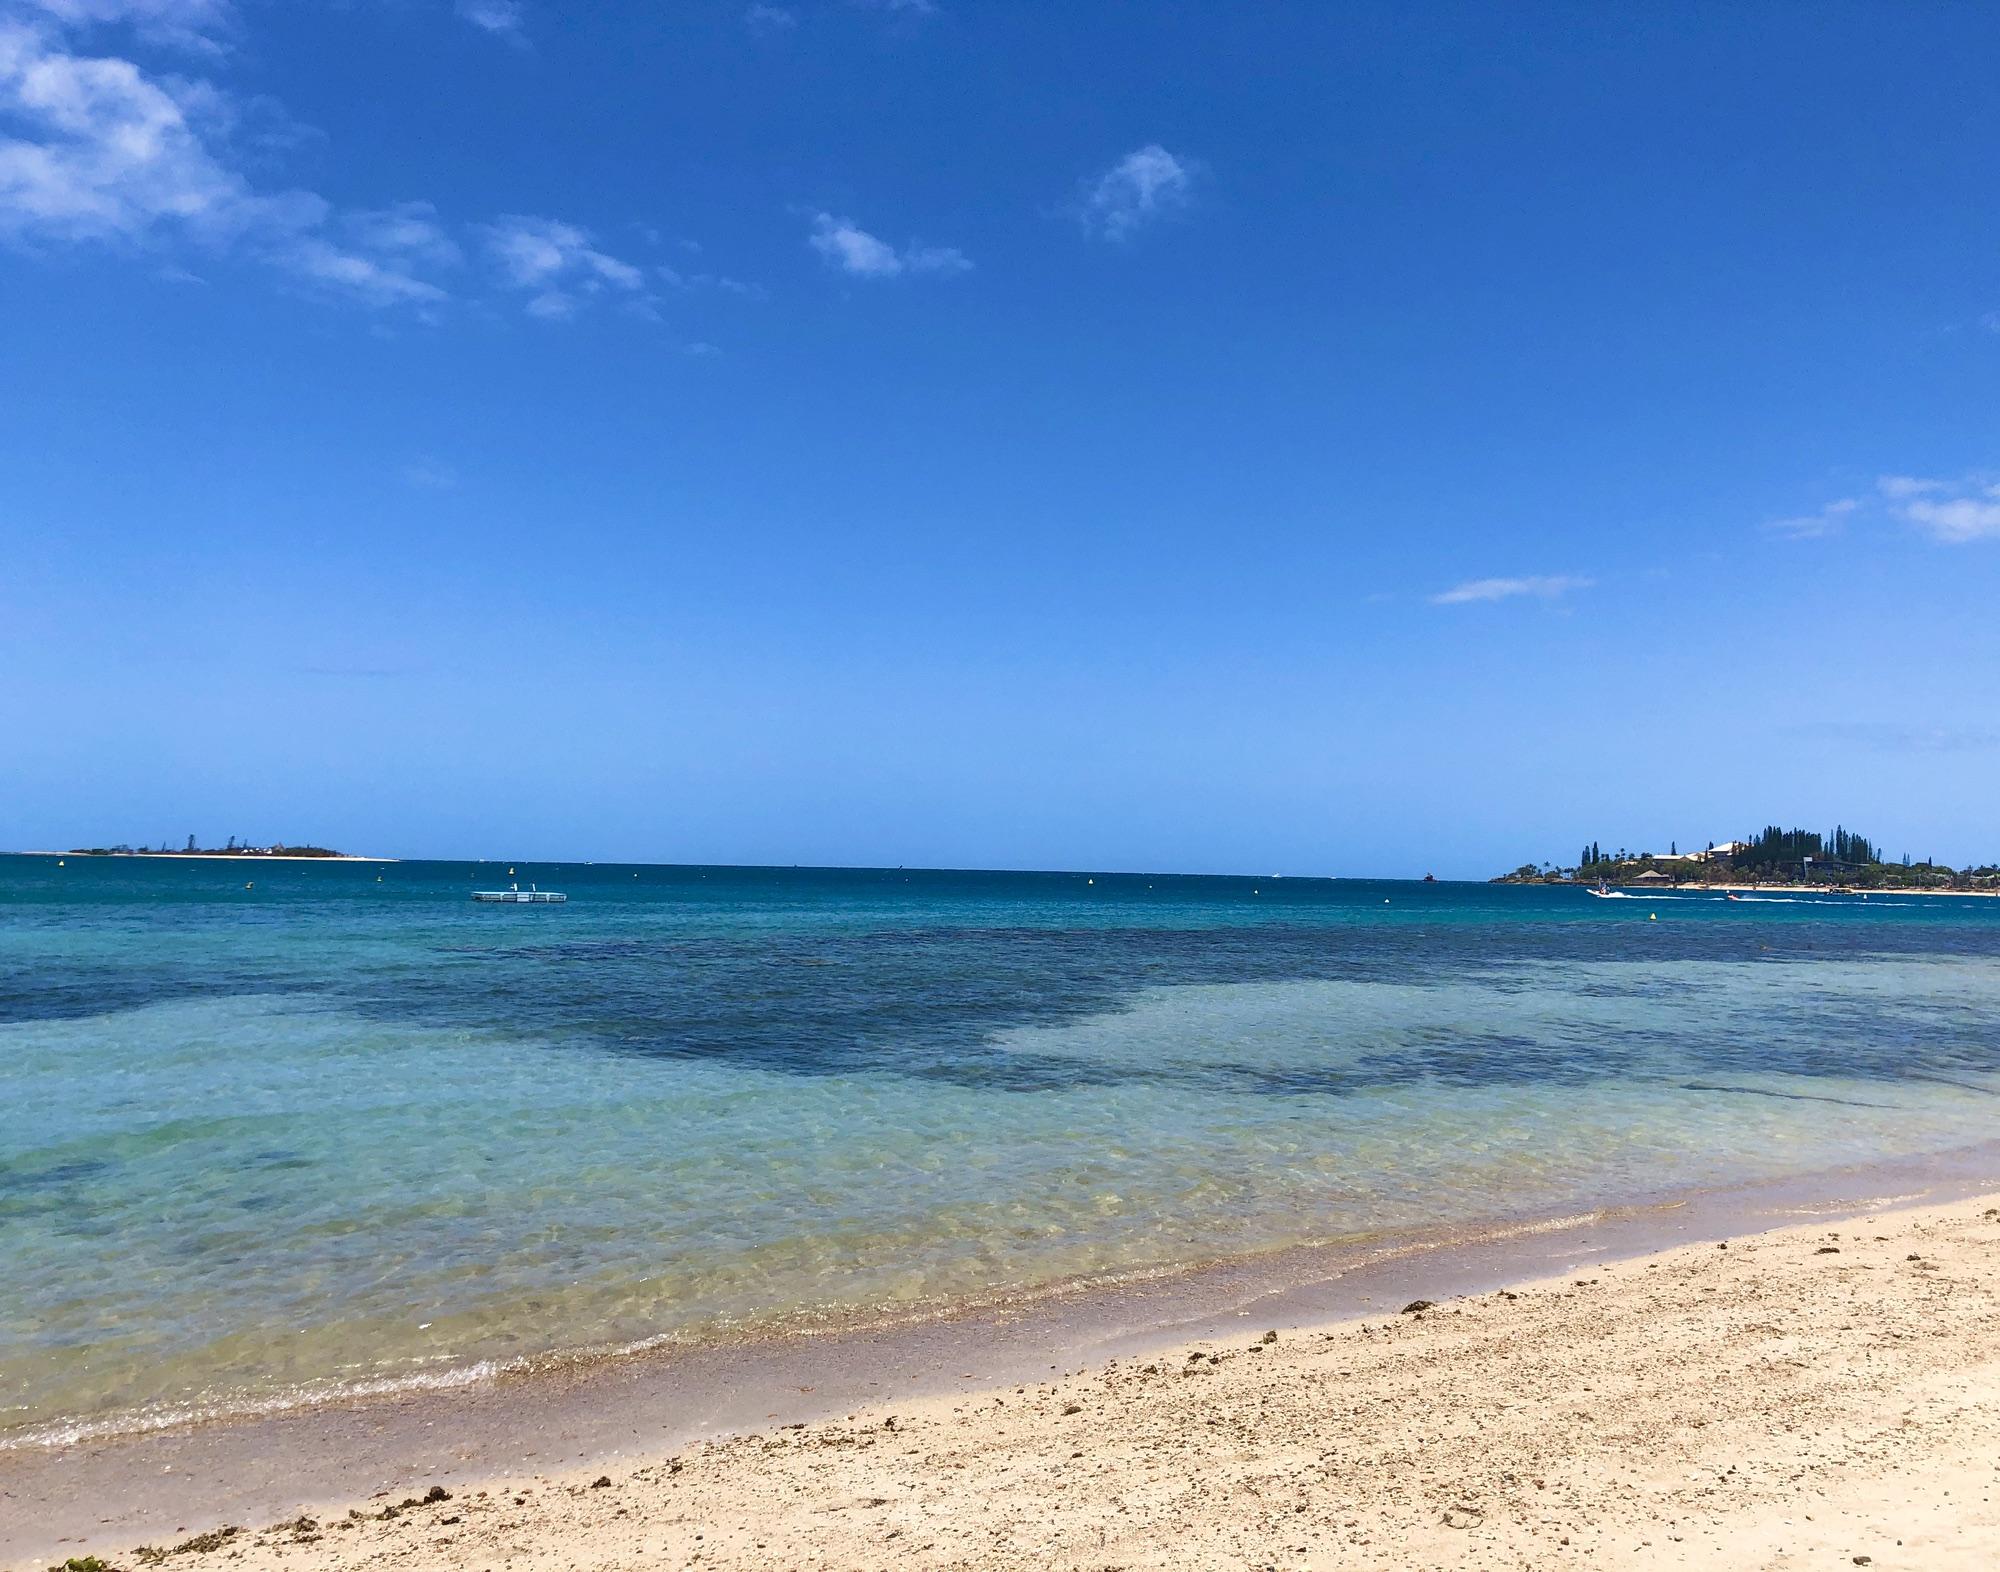 la plage du méridien noumea visiter sud nouvelle calédonie